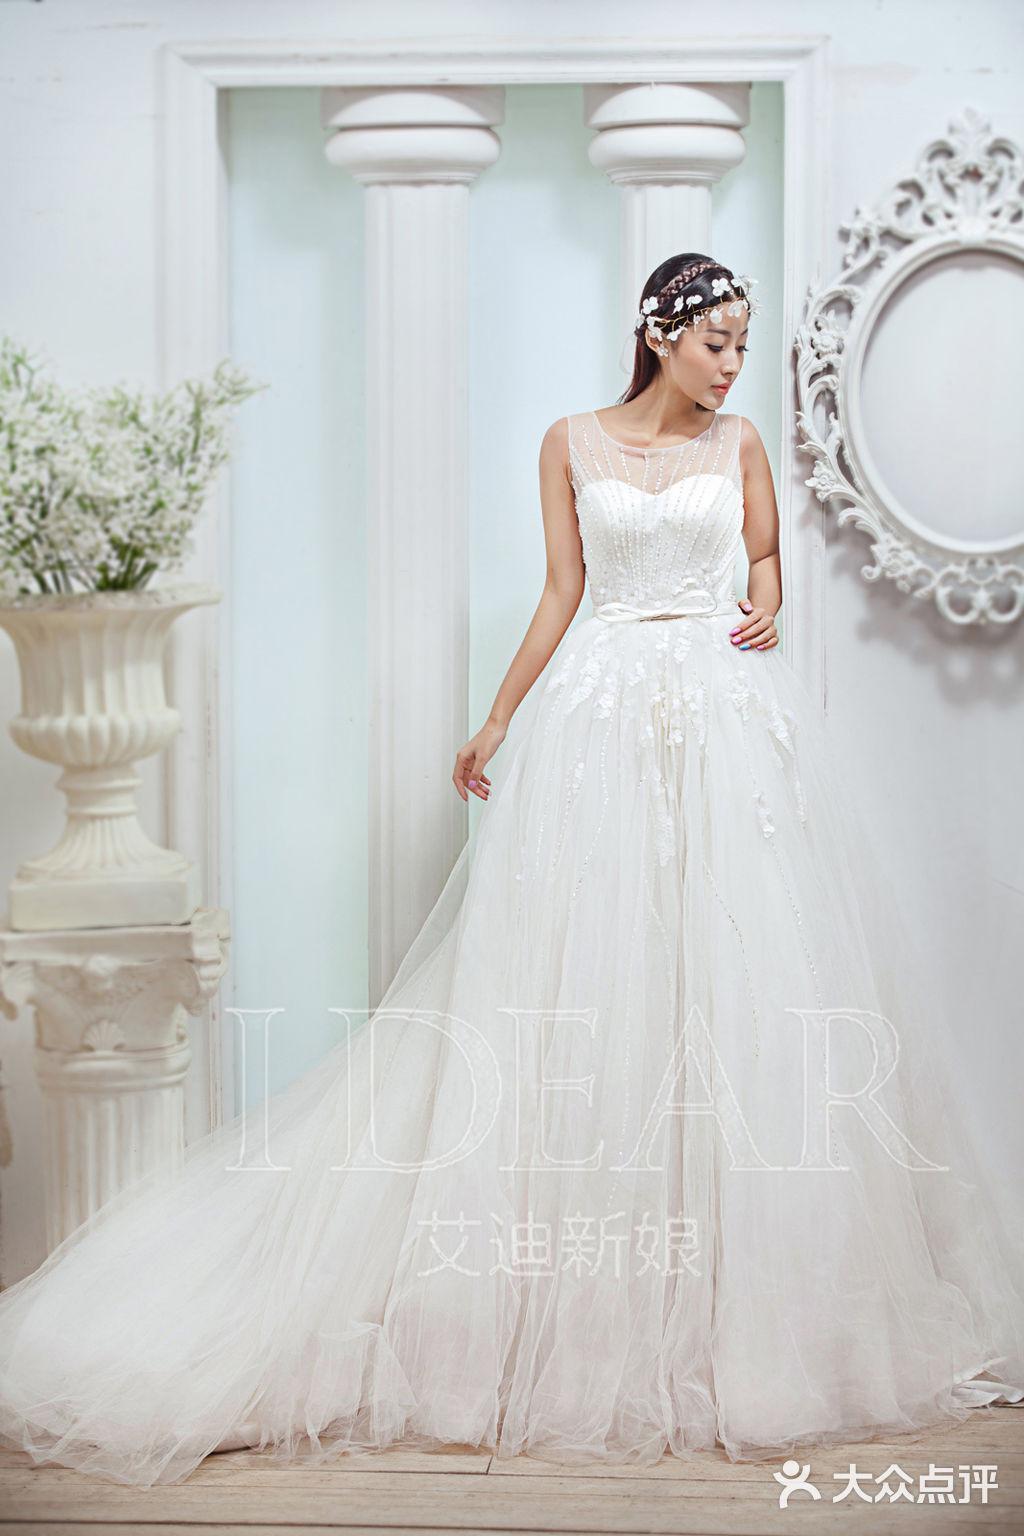 艾迪新娘婚纱·新郎西服定制